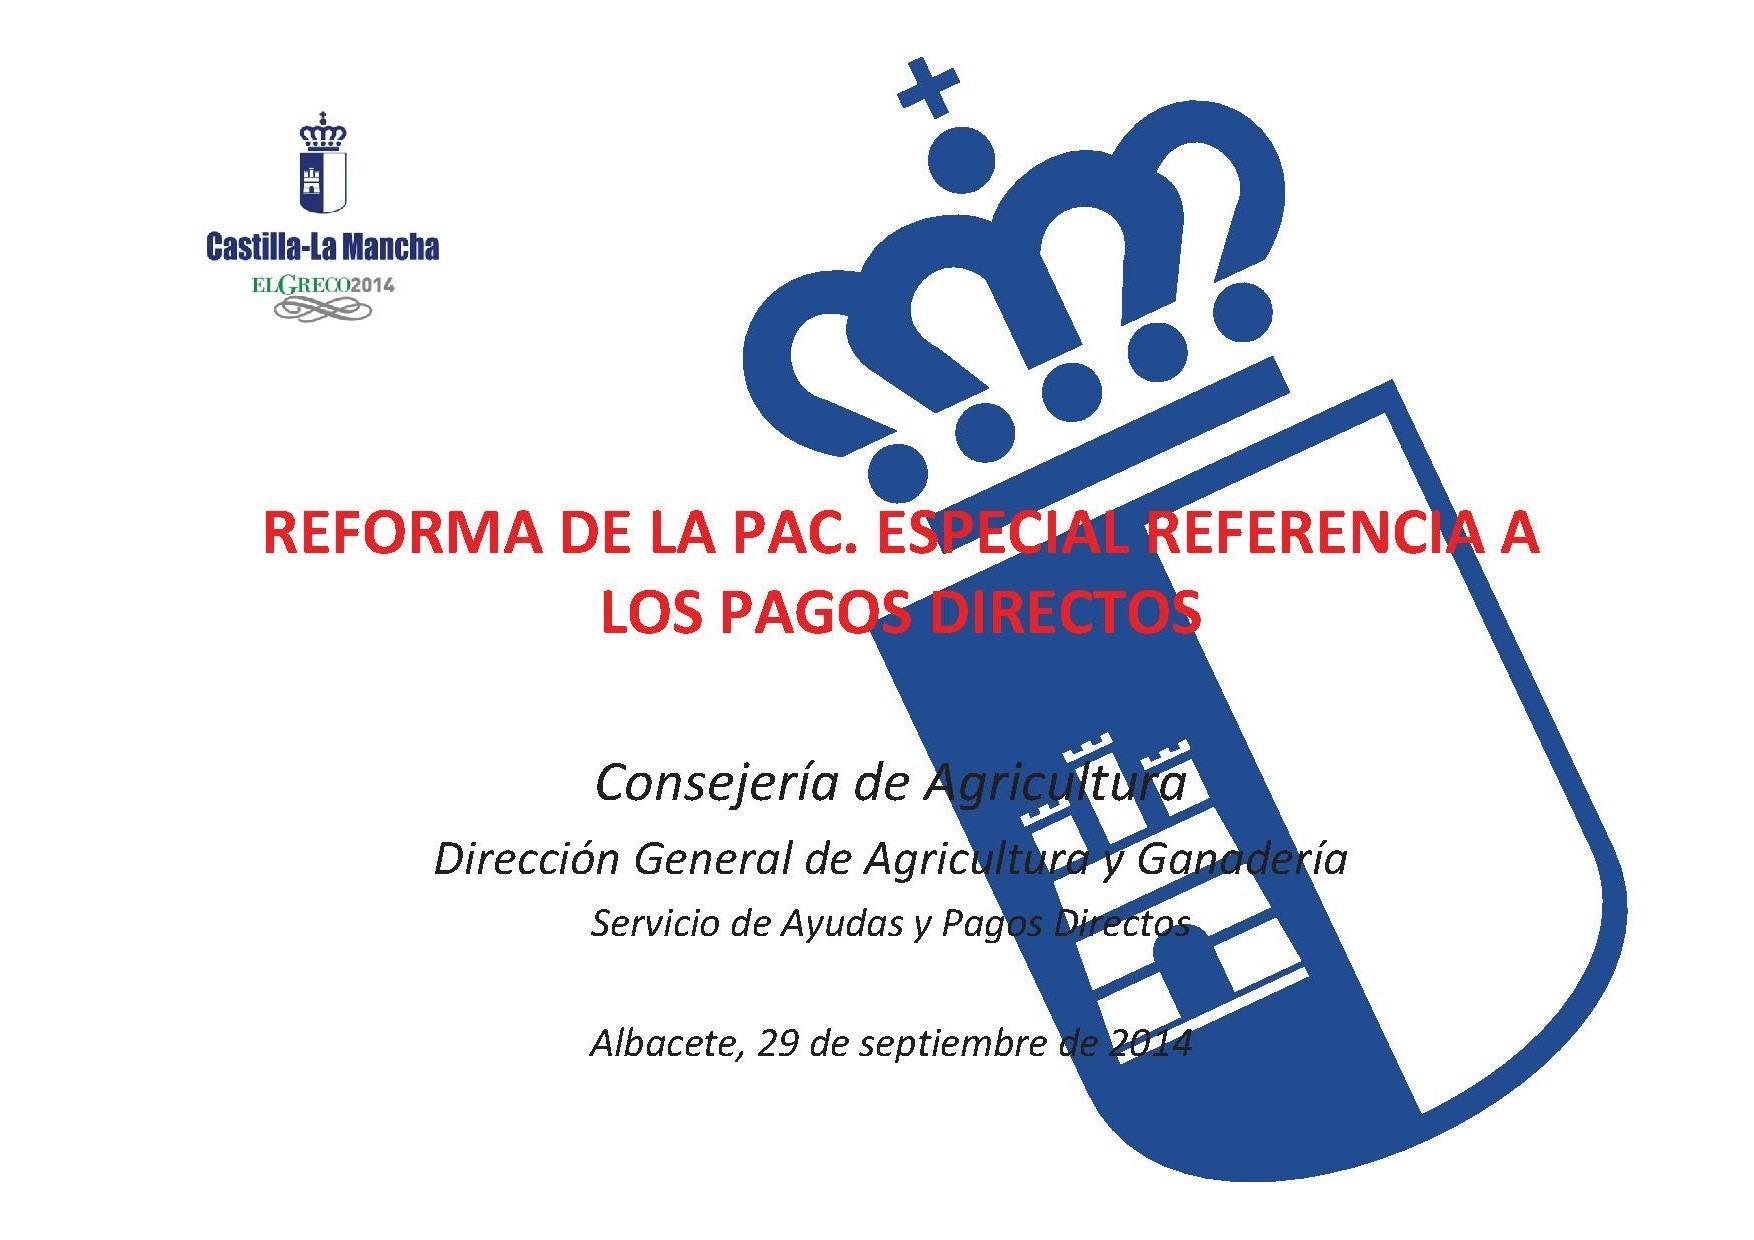 Presentación de la Jornada 29-09-14: Reforma de la PAC 2015-2020